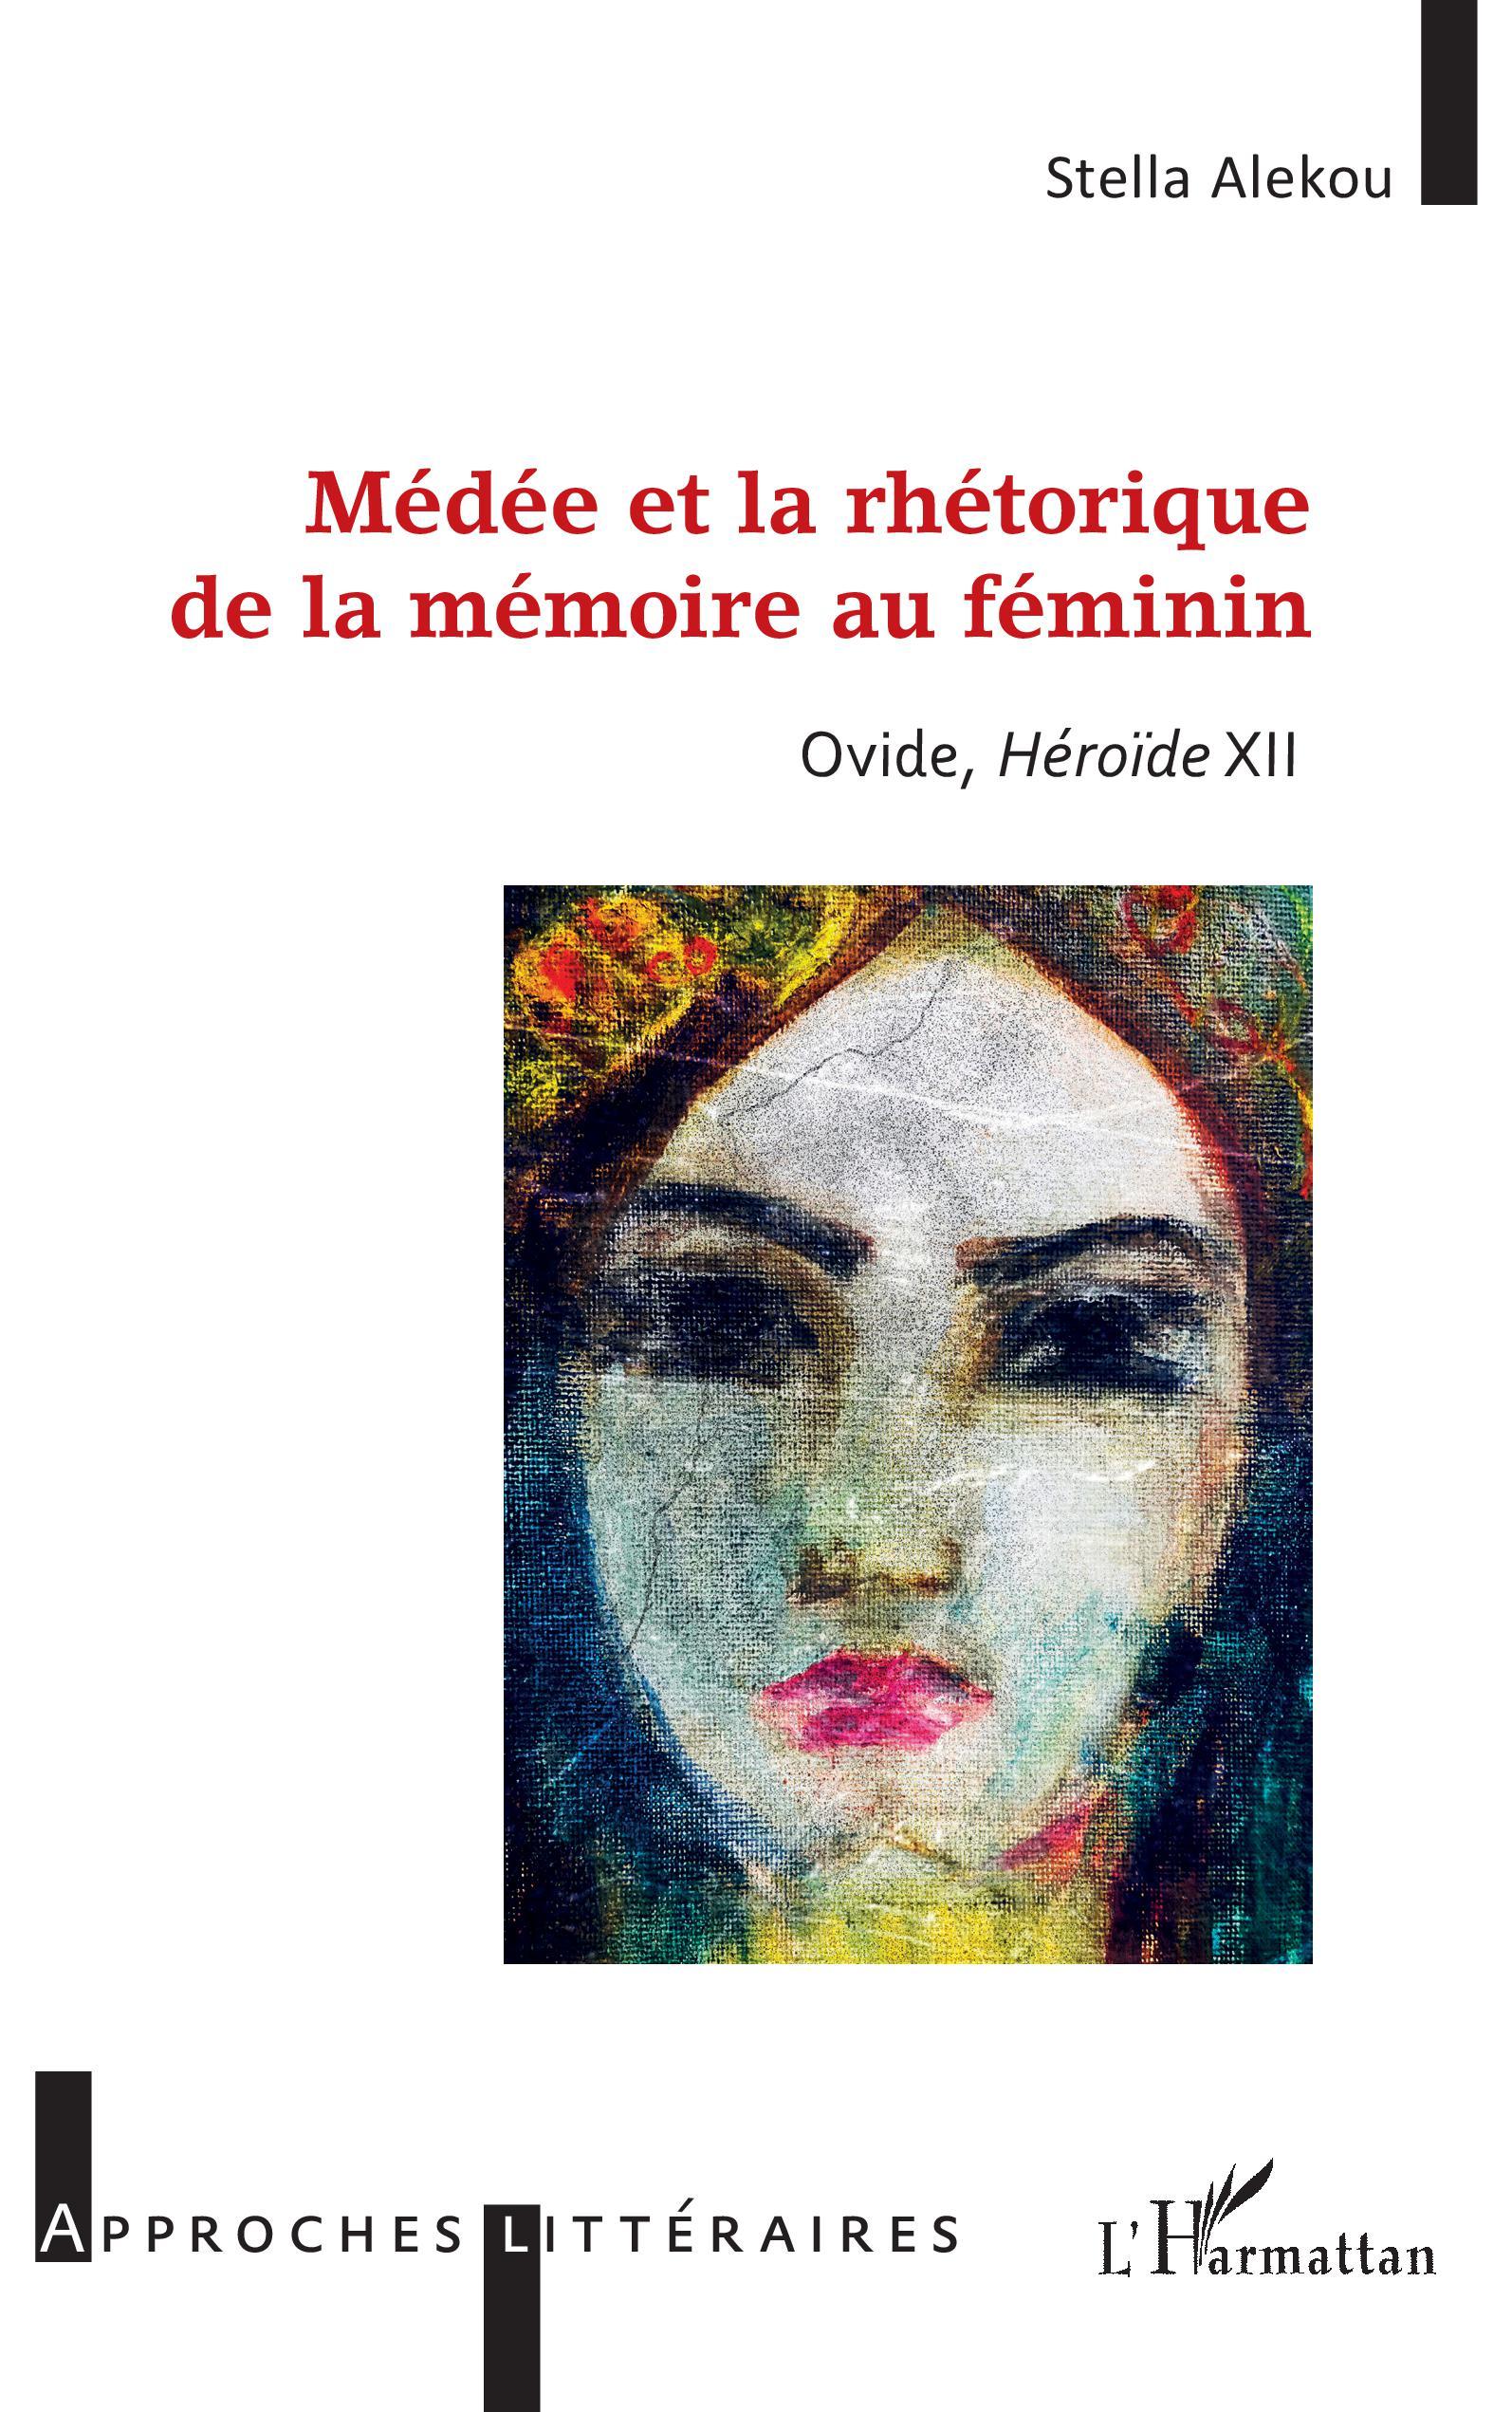 S. Alekou, Médée et la rhétorique de la mémoire au féminin - Ovide, Héroïde XII